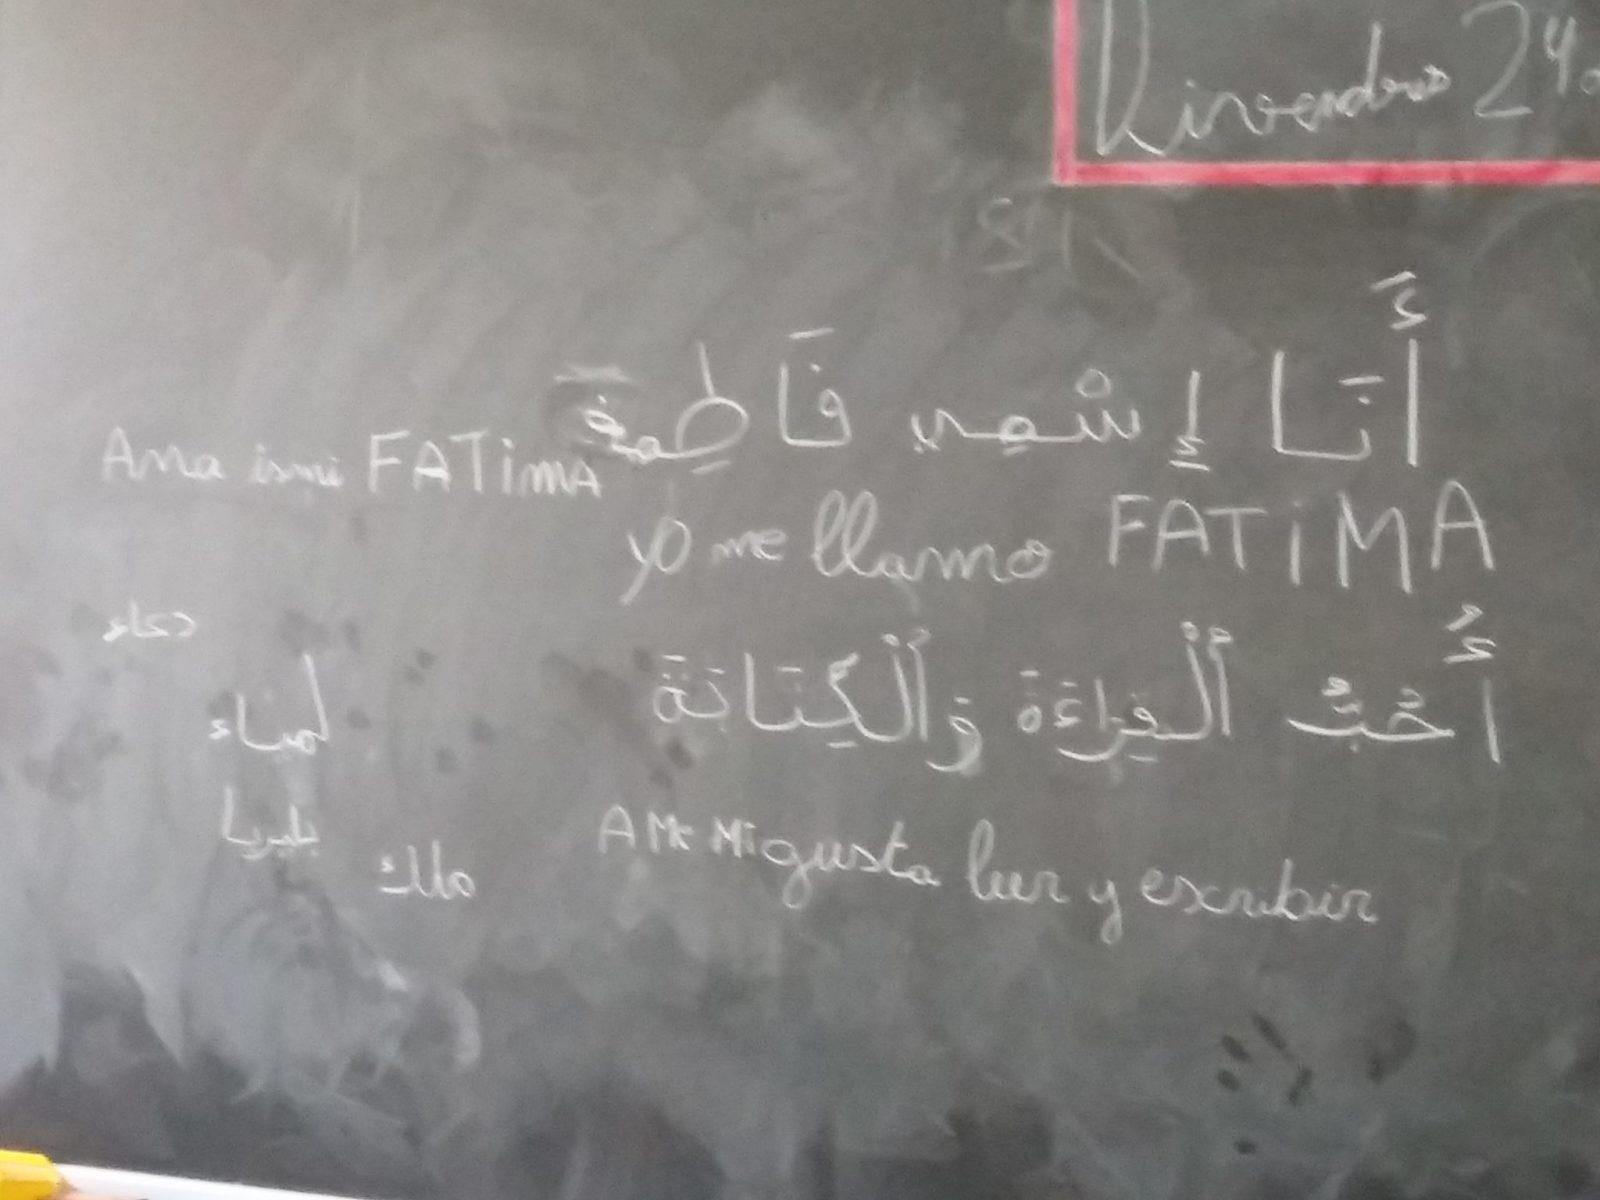 El dia de les llengües familiars